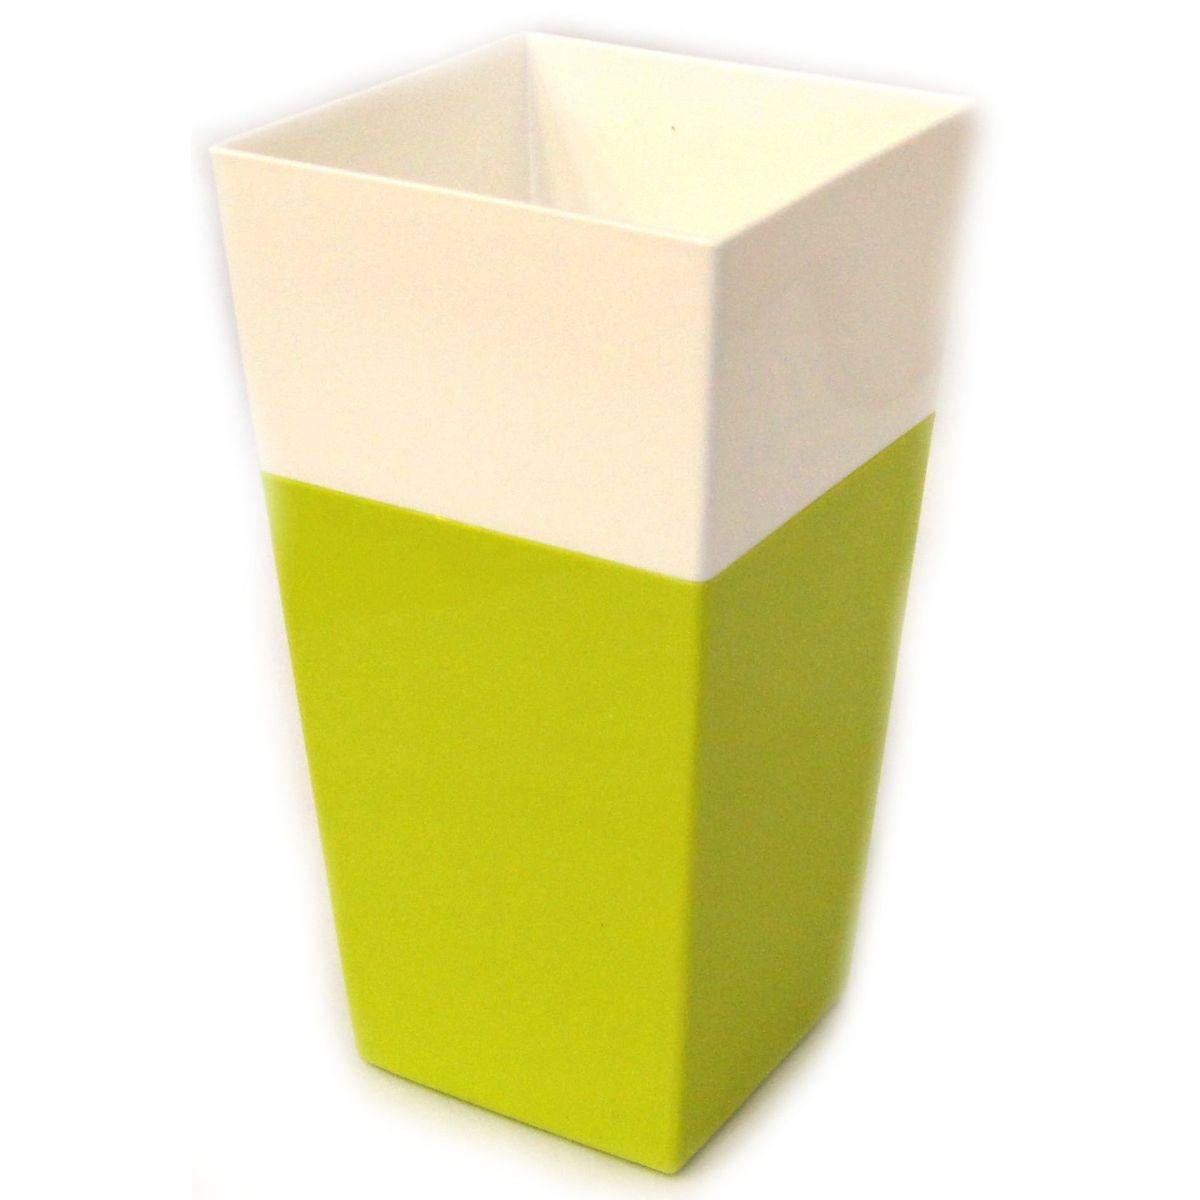 Кашпо JetPlast Дуэт, цвет: фисташковый, белый, высота 34 см531-304Кашпо имеет строгий дизайн и состоит из двух частей: верхней части для цветка и нижней – поддона. Конструкция горшка позволяет, при желании, использовать систему фитильного полива, снабдив горшок веревкой. Оно изготовлено из прочного полипропилена (пластика).Размеры кашпо: 18 х 18 х 34 см.